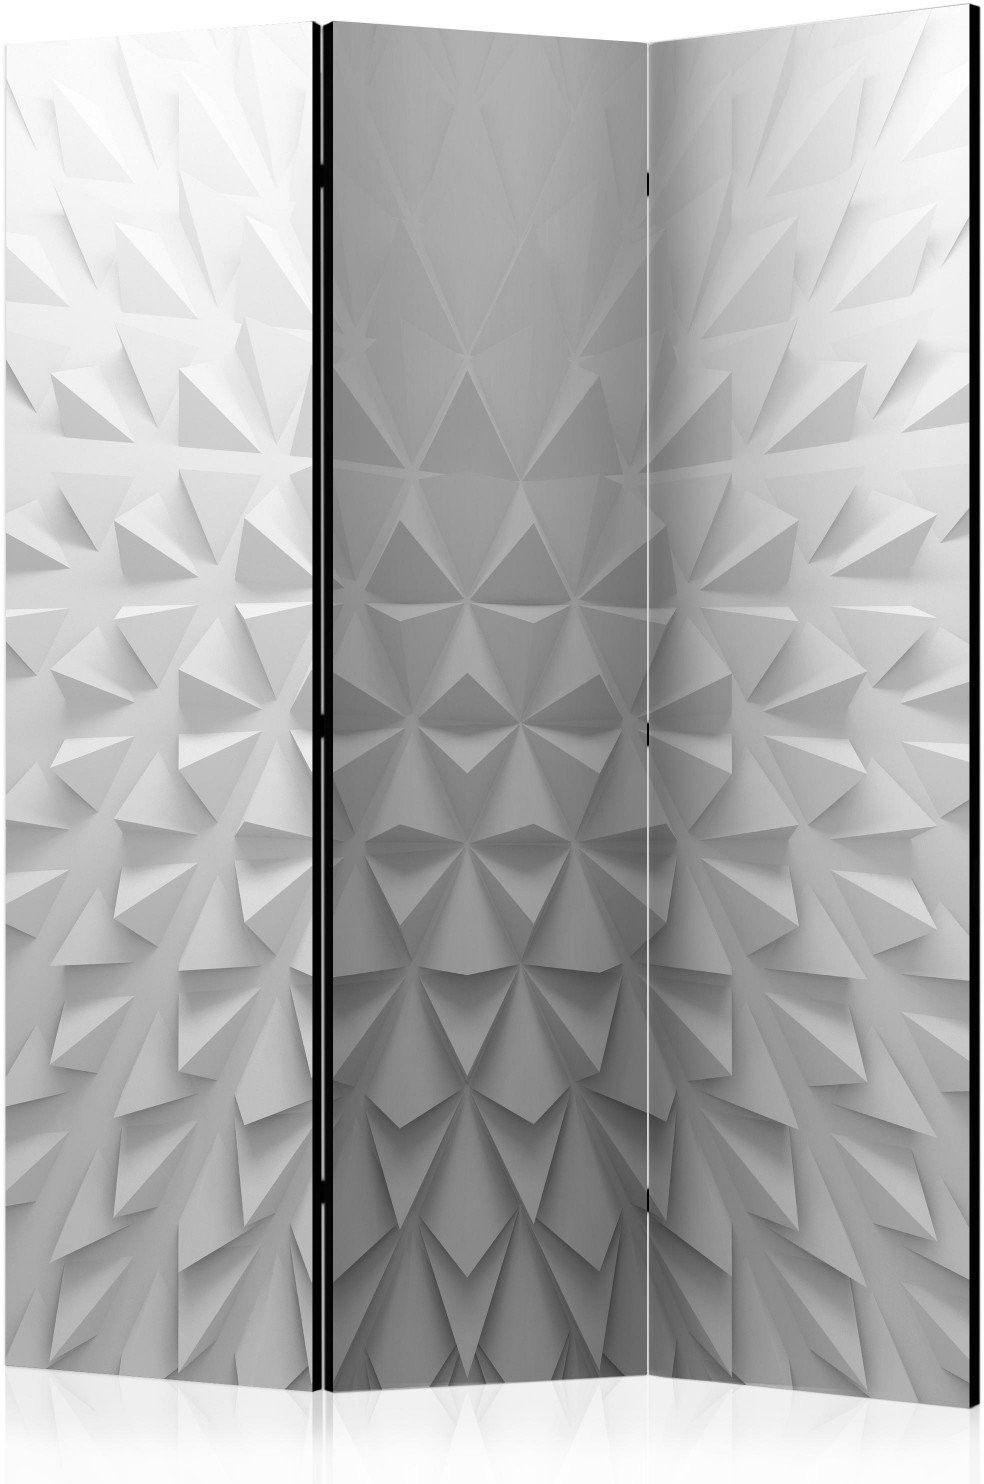 Parawan 3-częściowy - czworościany [room dividers]